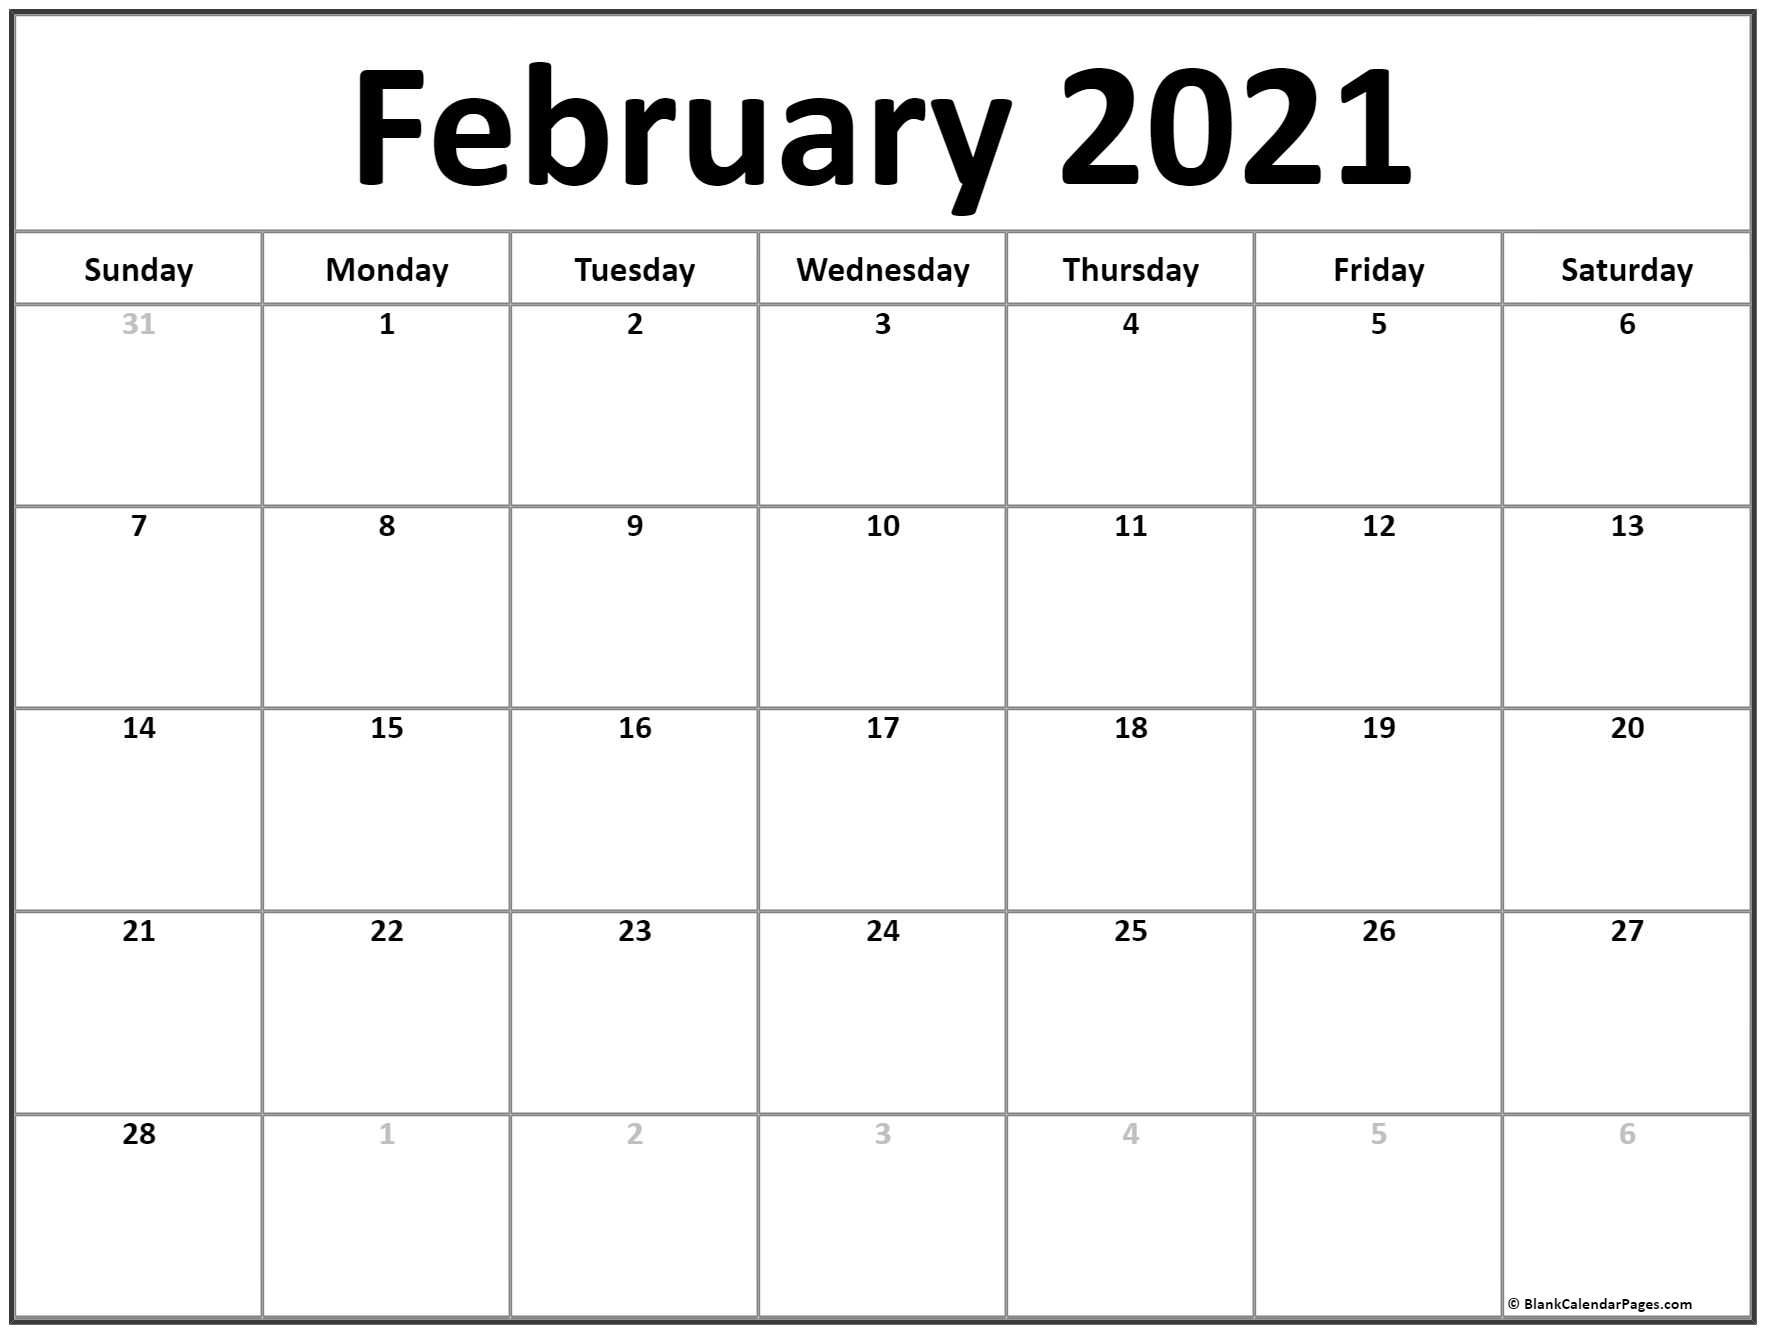 February 2021 Calendar   Free Printable Monthly Calendars Show December 2021 Calendar